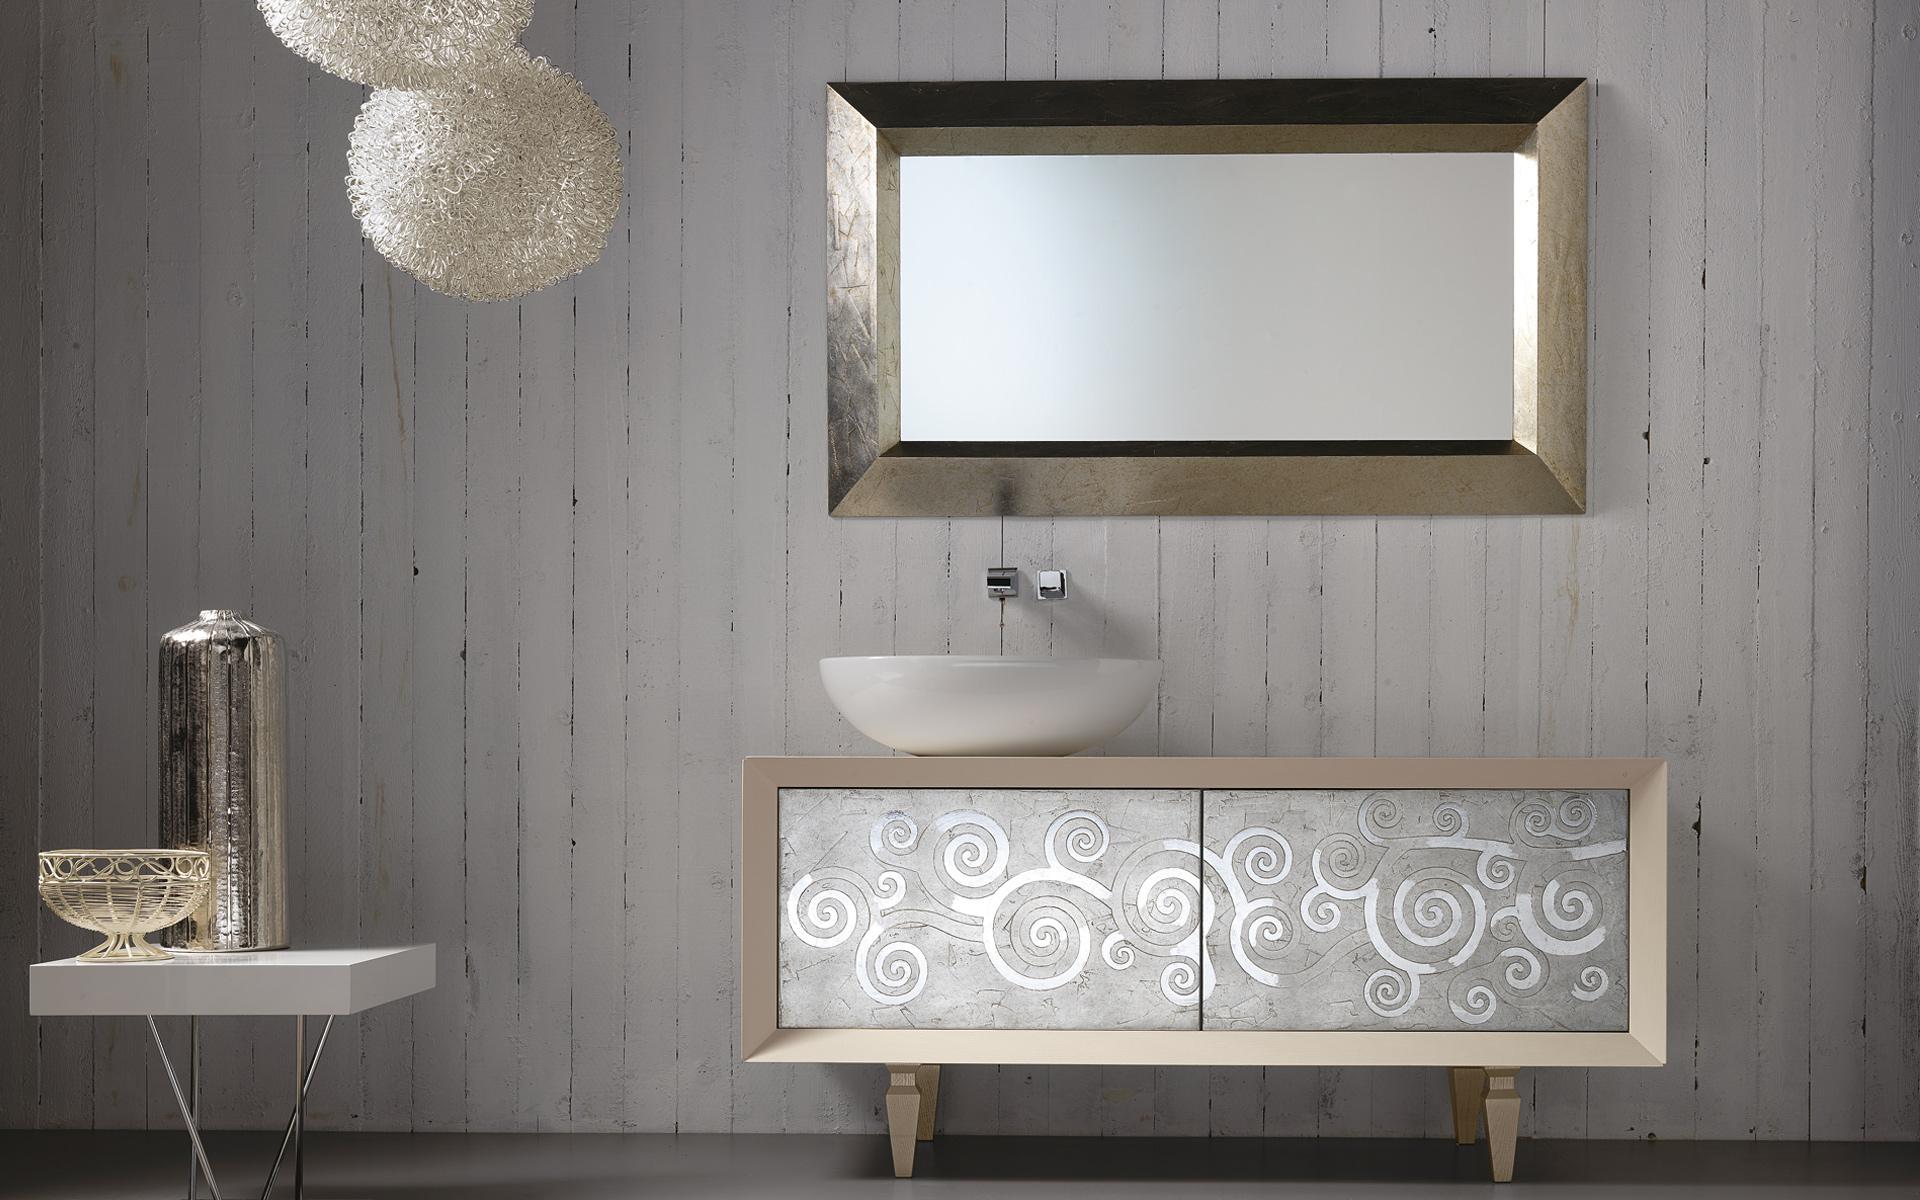 Contemporaneo soluzioni d 39 arredosoluzioni d 39 arredo for Complementi d arredo per bagno